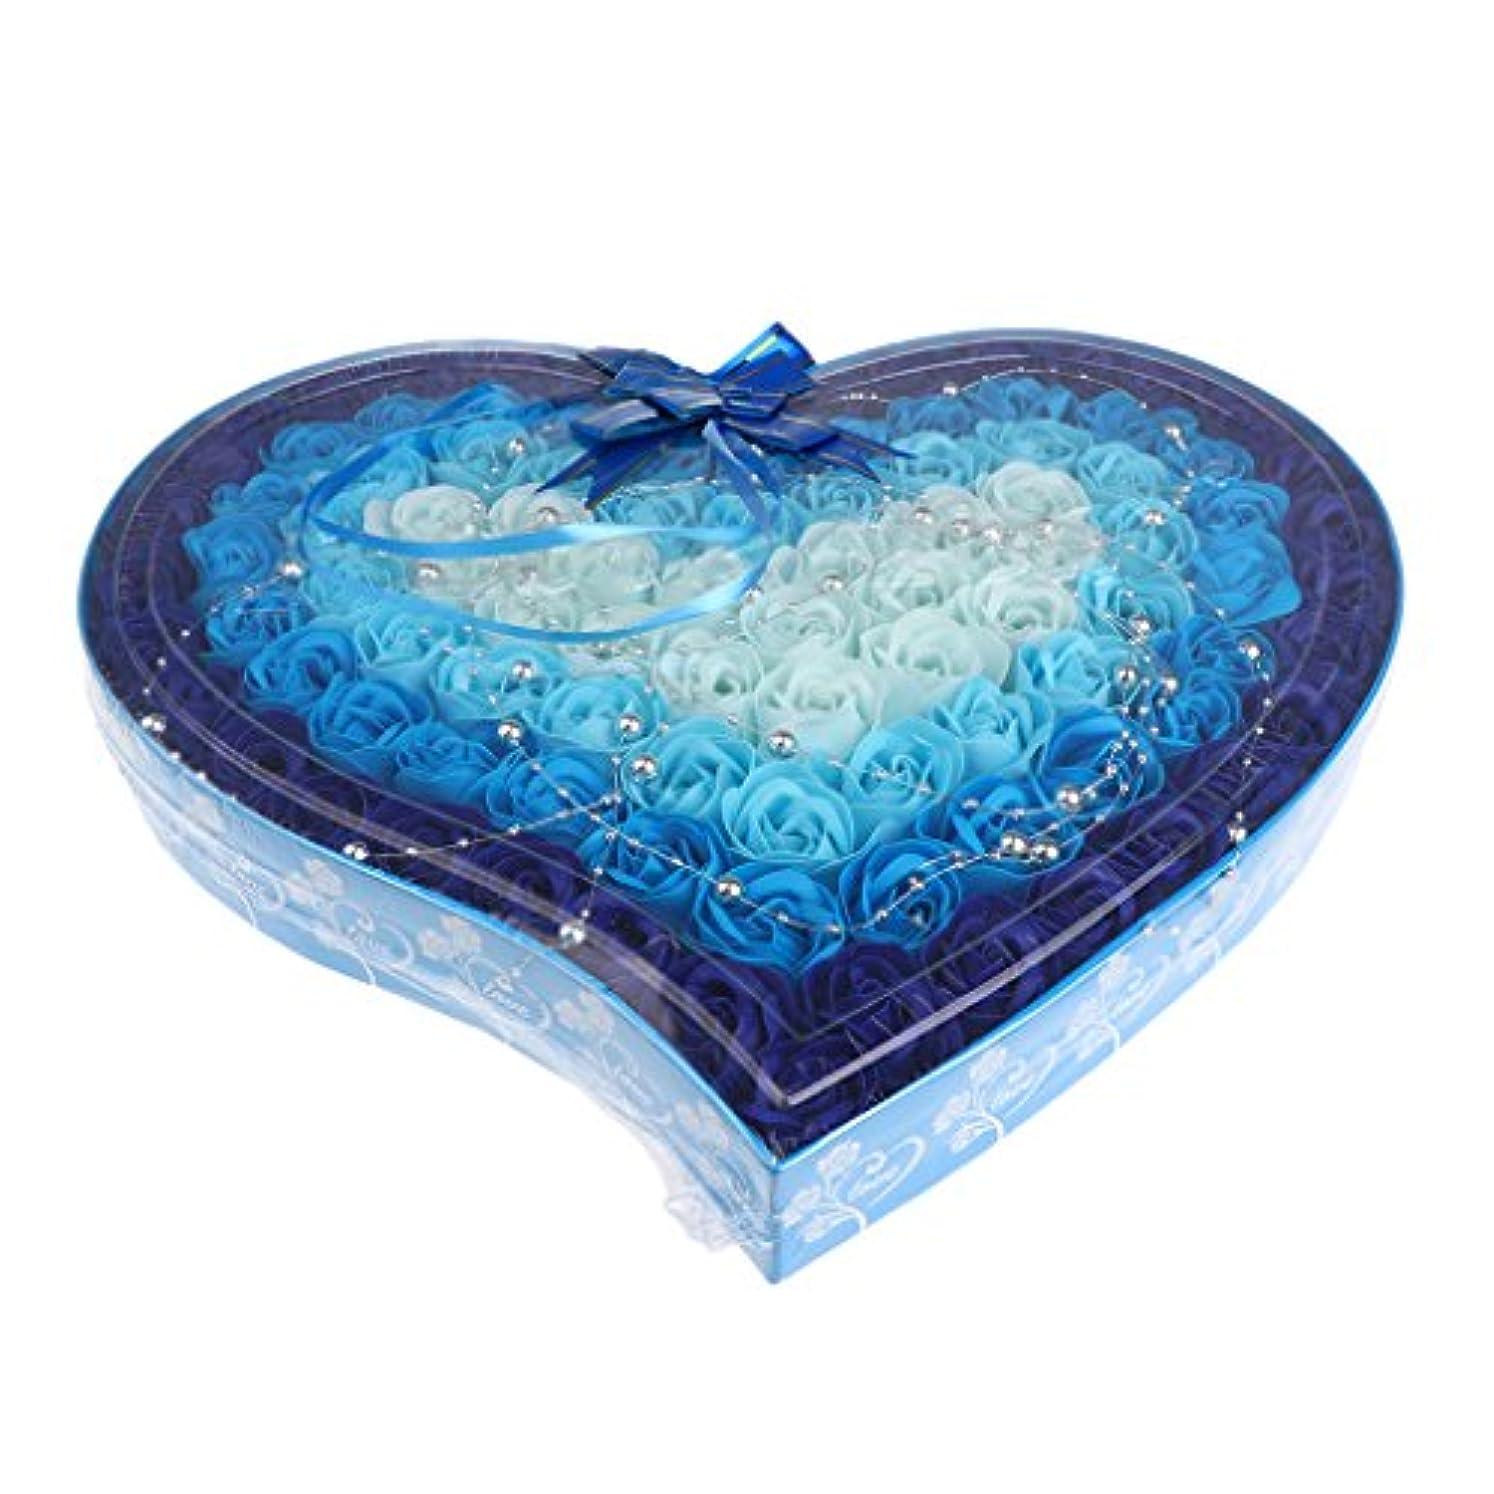 豆腐非難するマインドKesoto 石鹸の花 造花 ソープフラワー 心の形 ギフトボックス  母の日   バレンタイン プレゼント 全4色選べる - 青